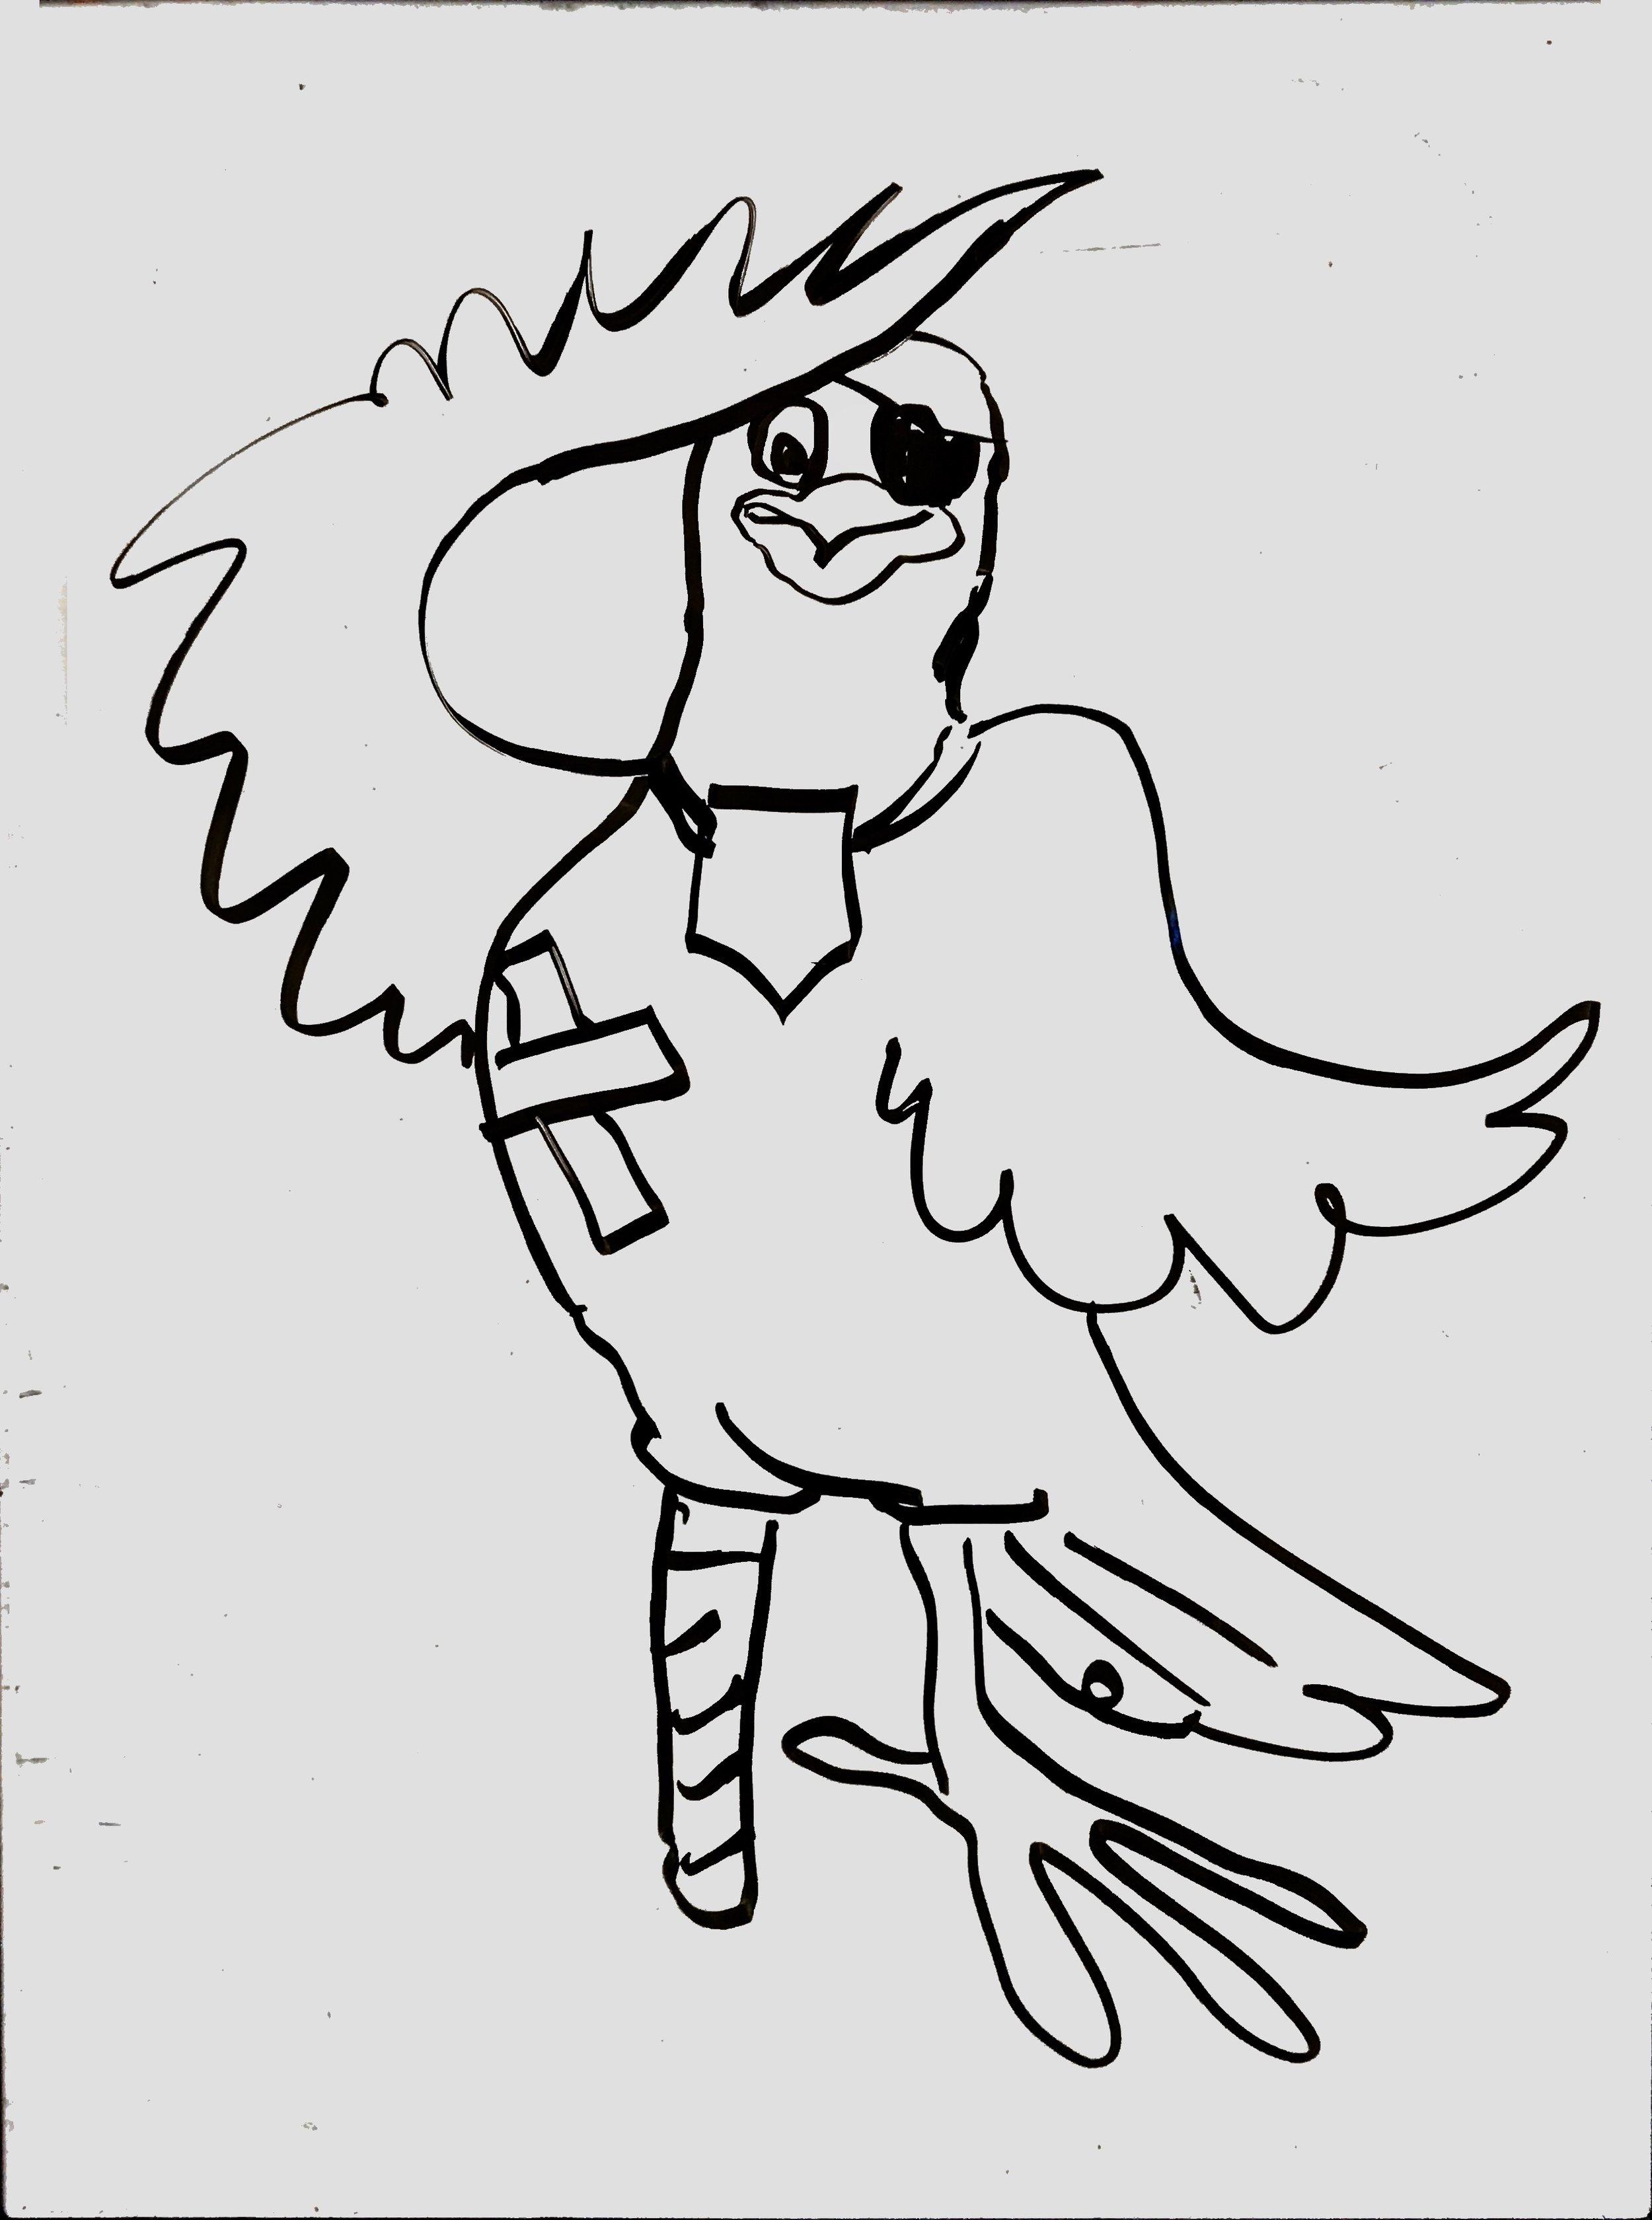 2018_09_02 Homing Pigeon.jpg